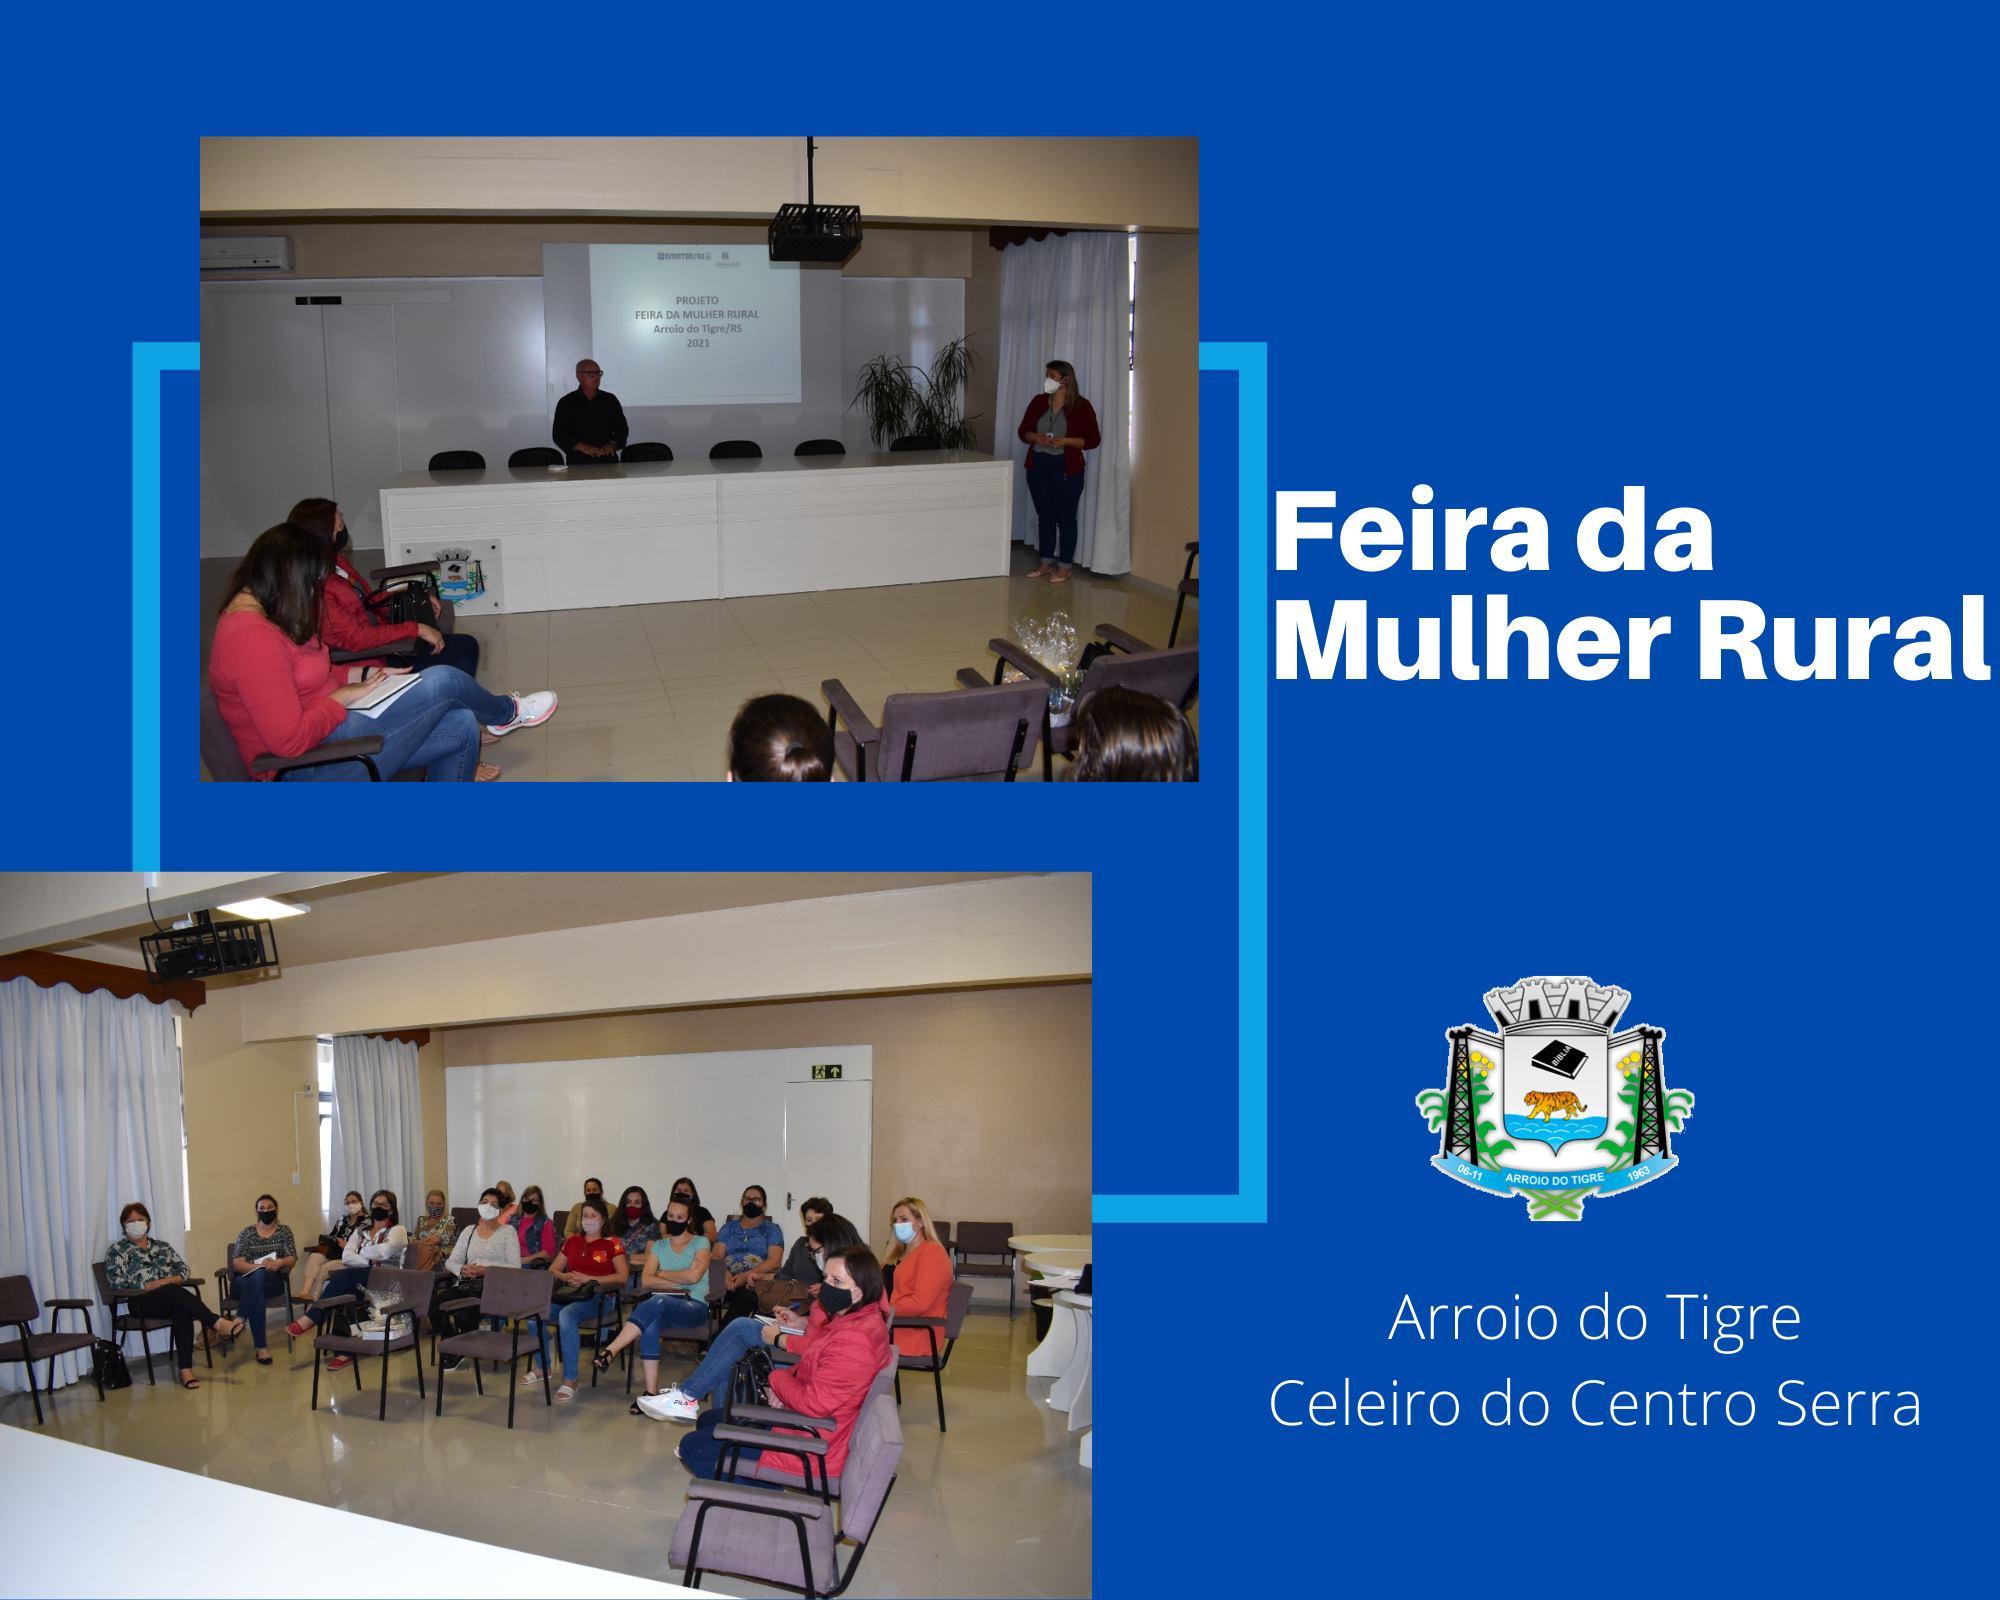 """Projeto """"Feira da Mulher Rural"""" é lançado em Arroio do Tigre"""